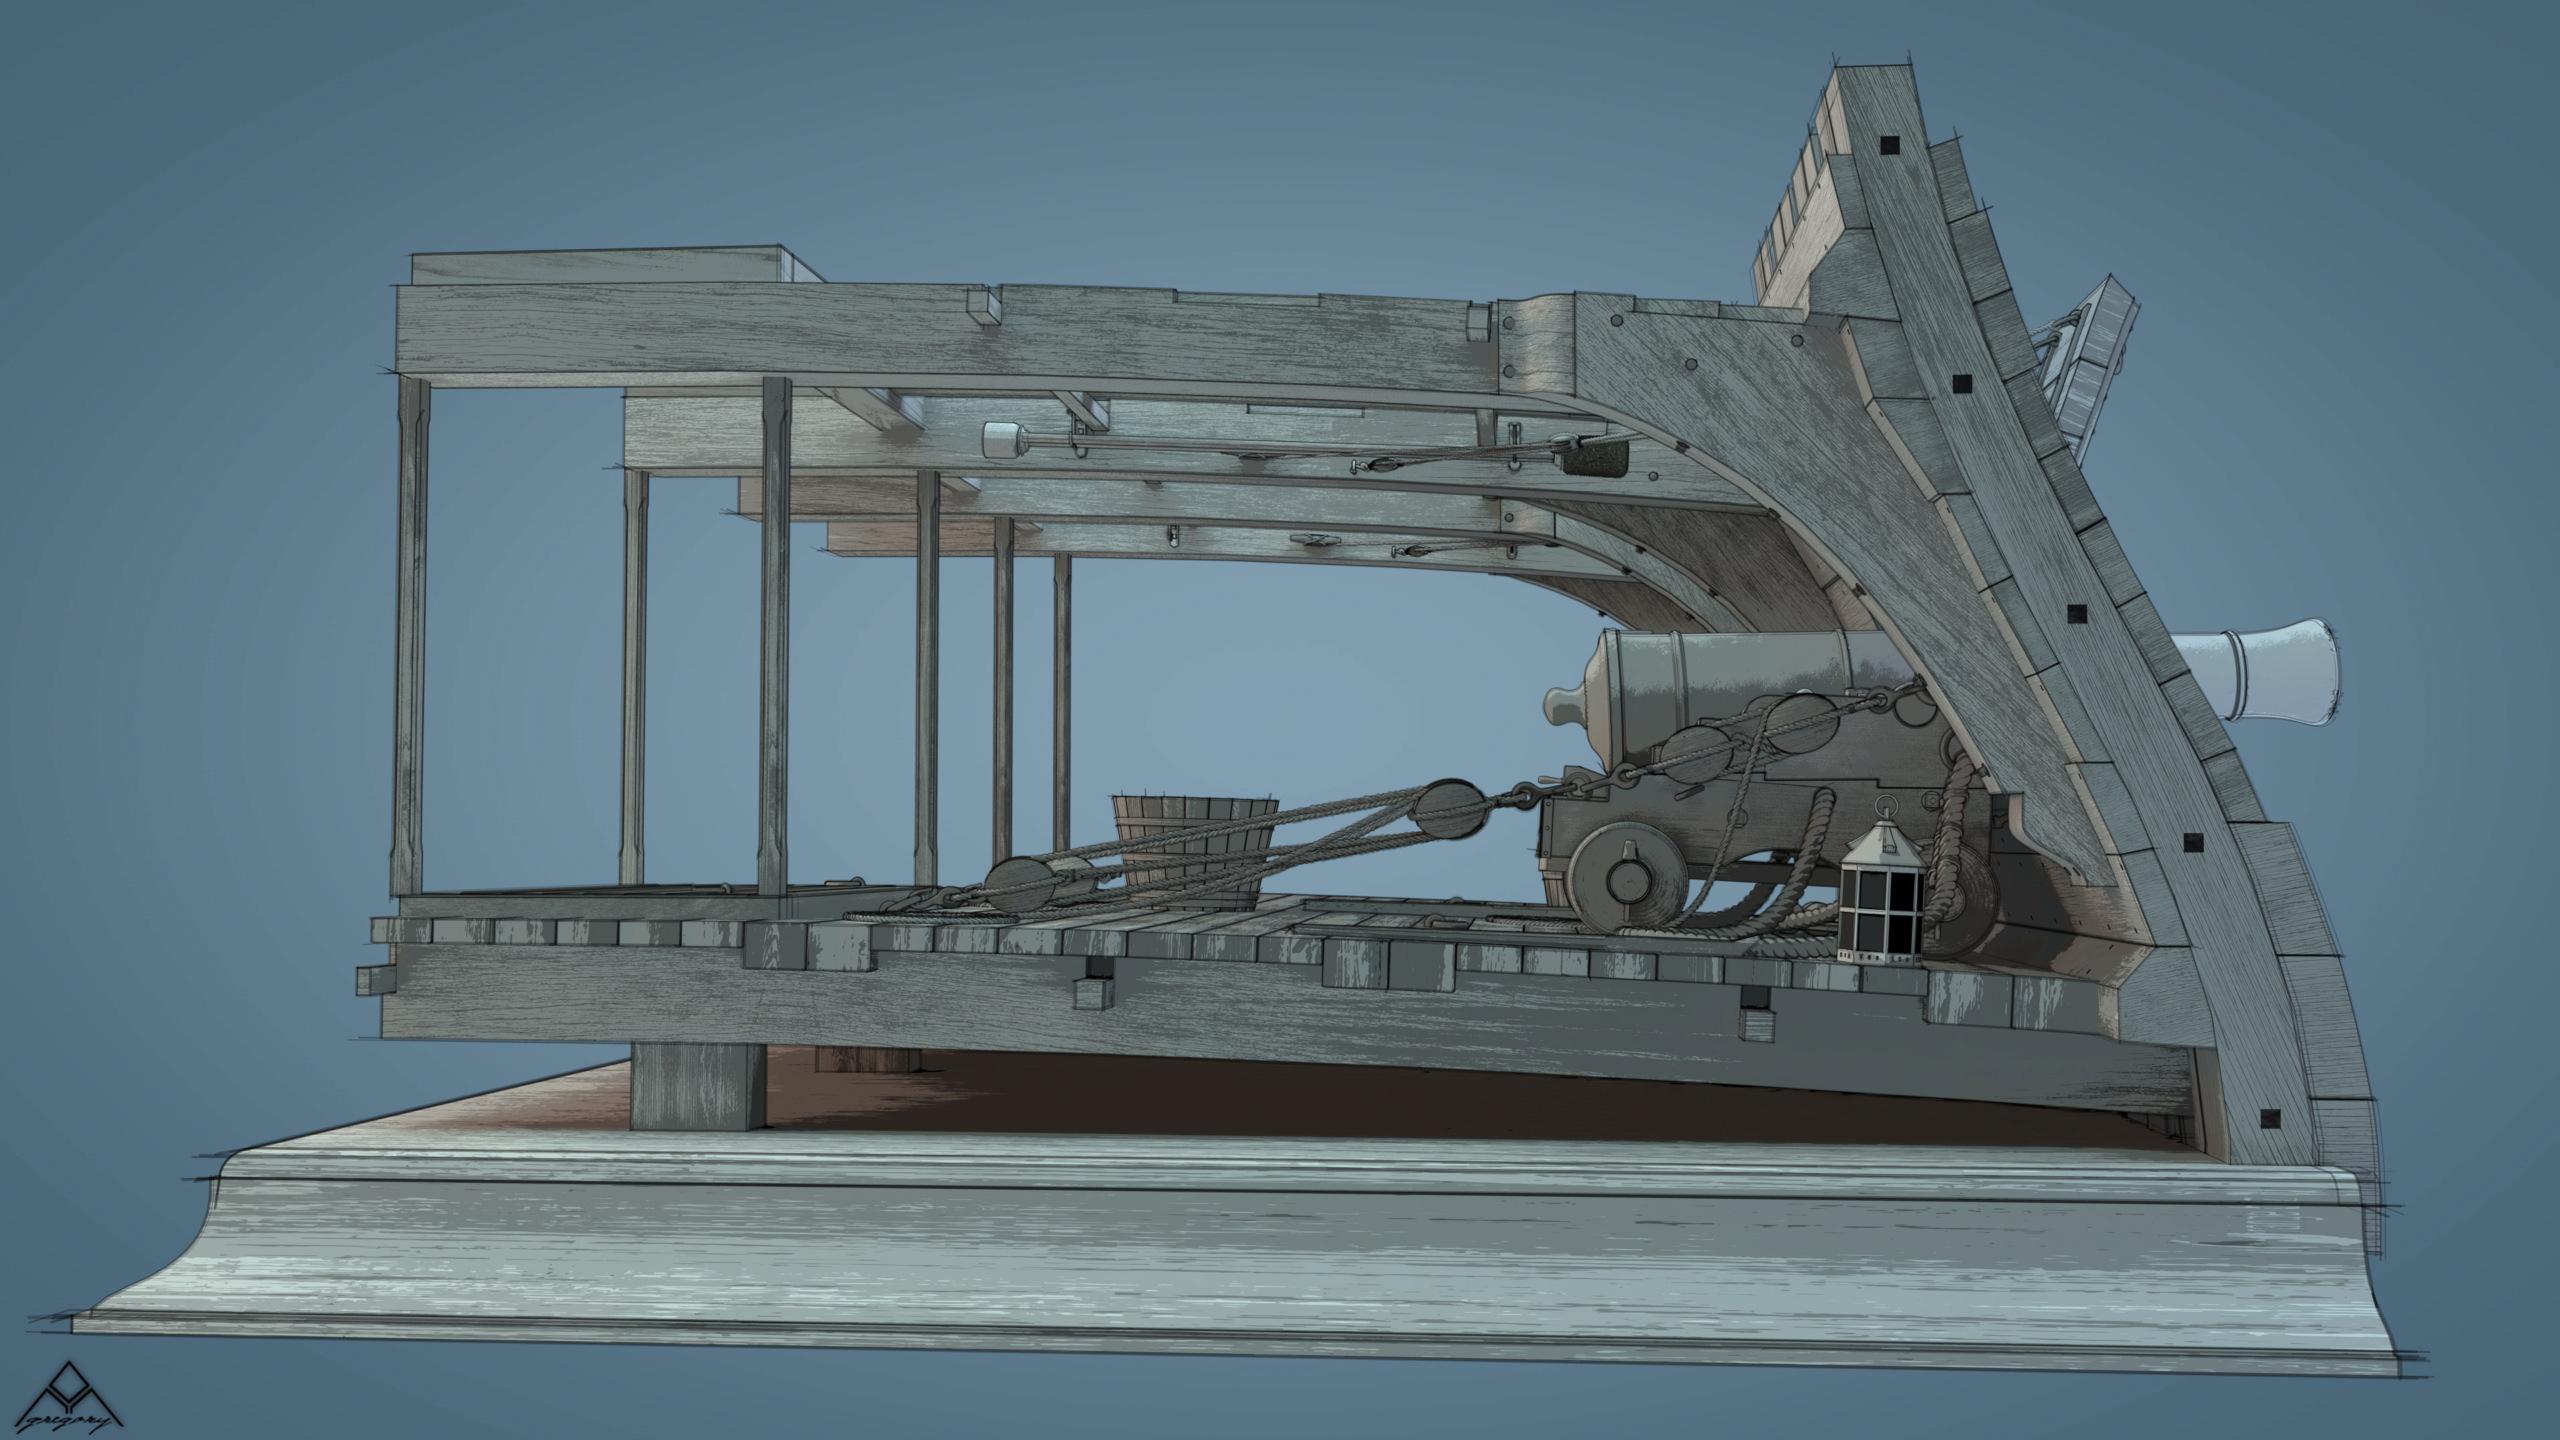 Canons de vaisseau 74 canons (Création 3D) par Greg_3D - Page 9 Rendu110